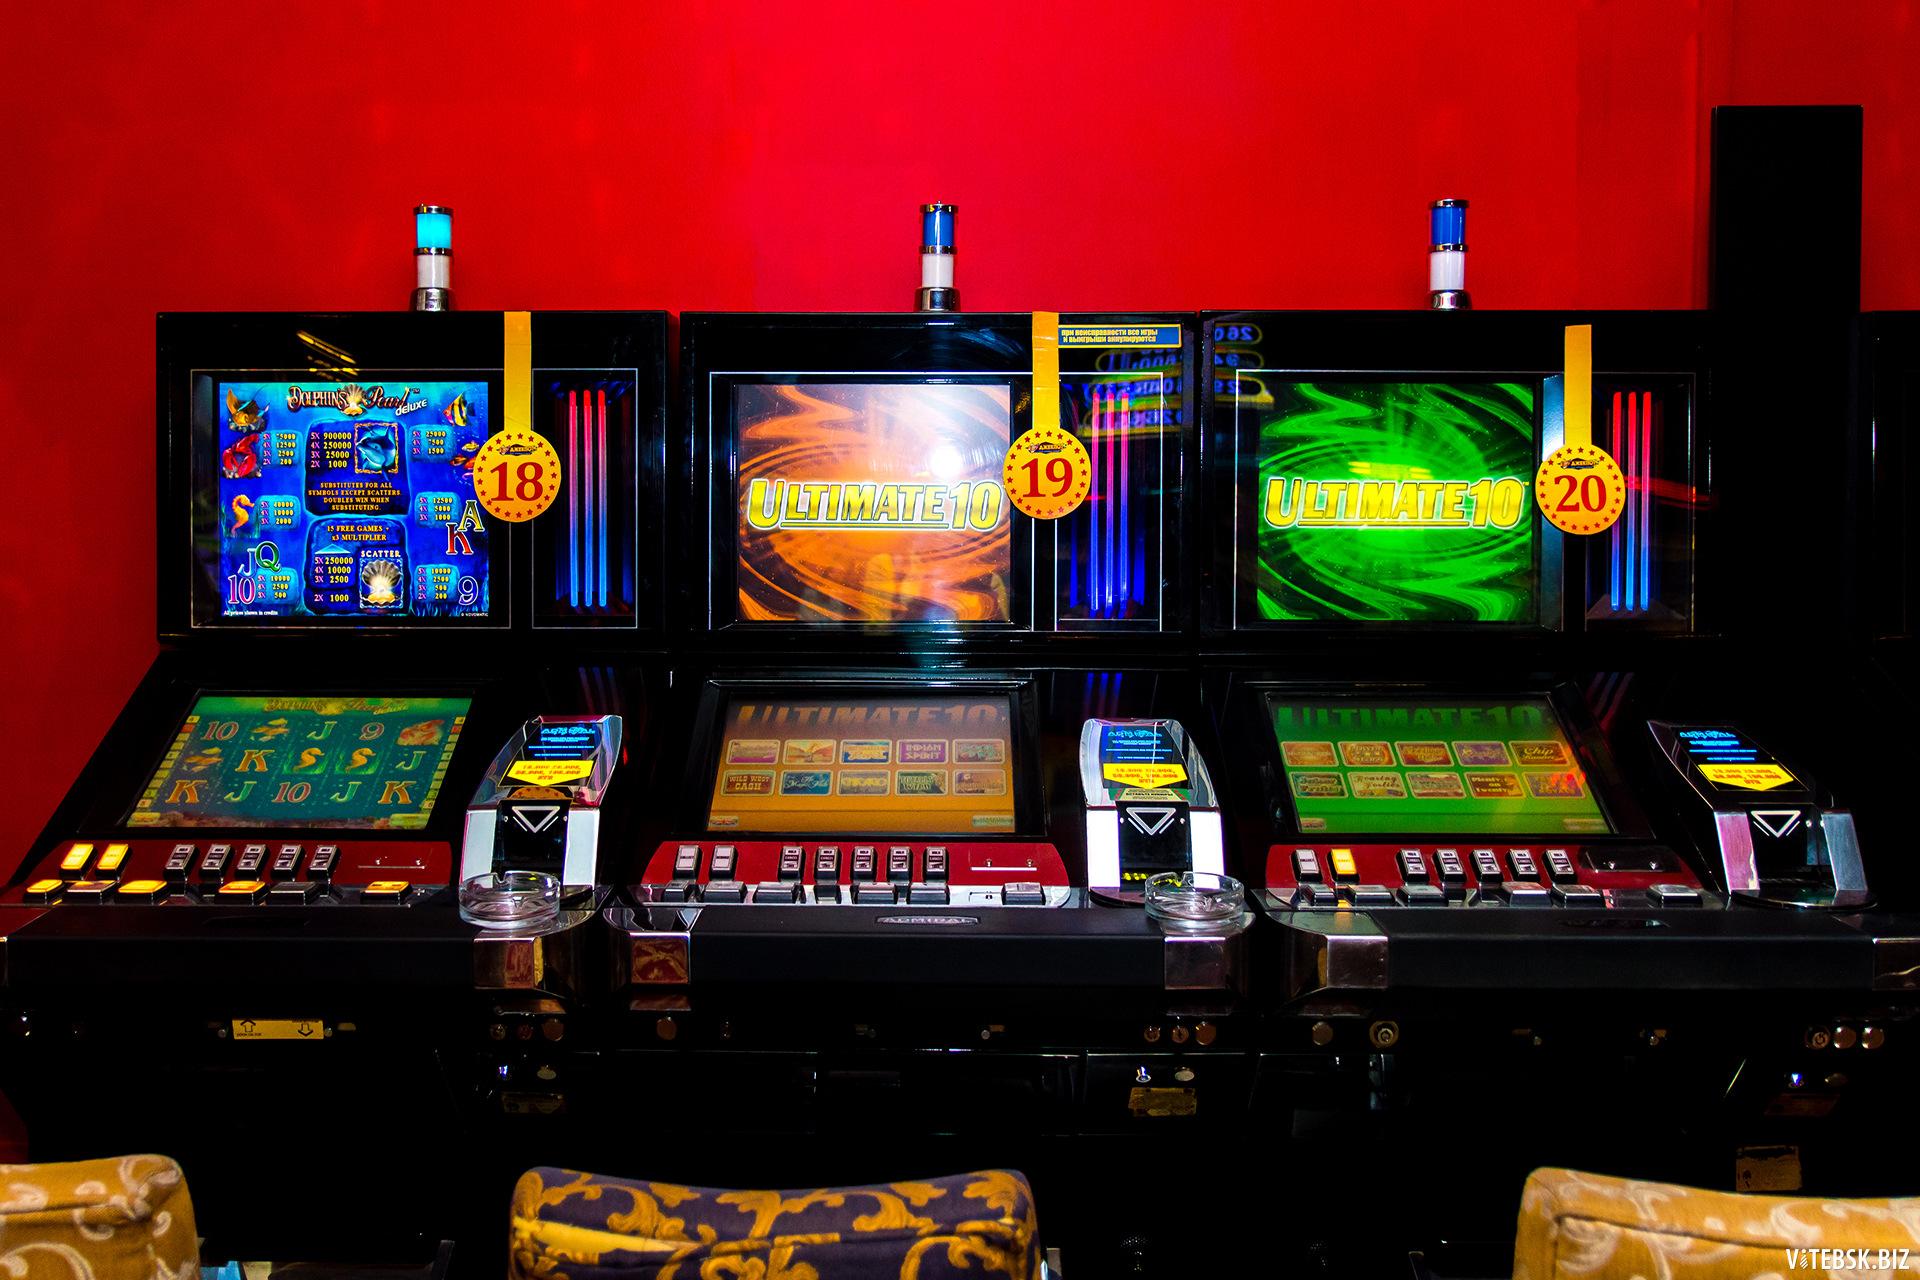 Работа в игровые автоматы витебск скачать бесплатно игровые автоматы на iphone